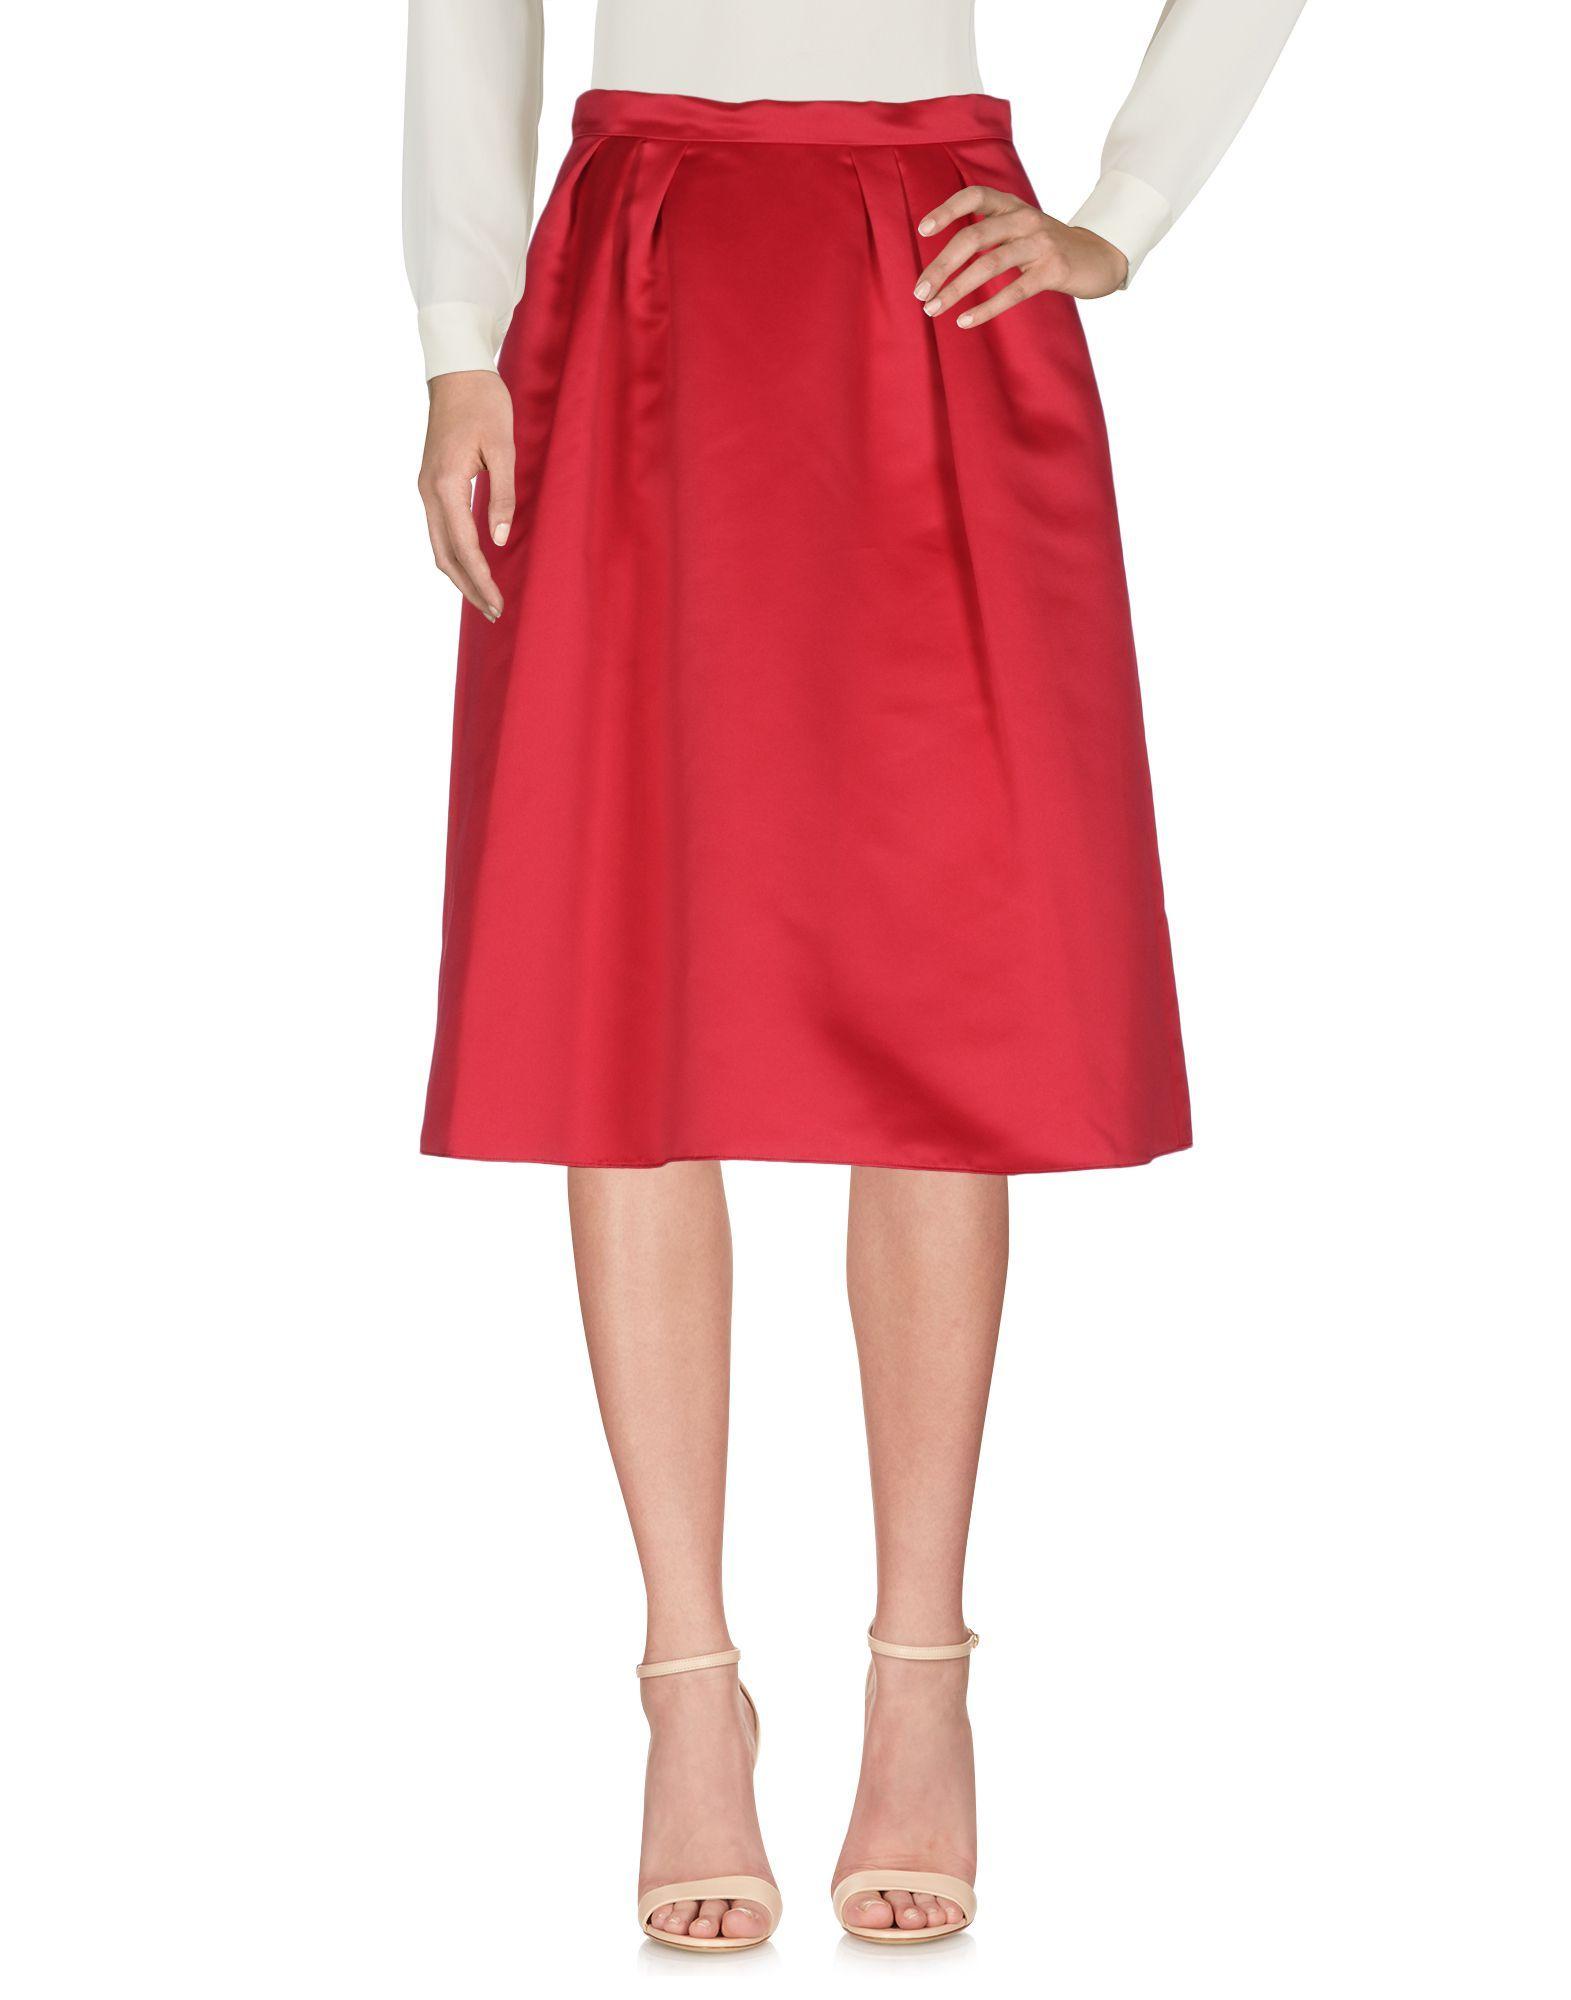 Pinko Garnet Knee Length Skirt